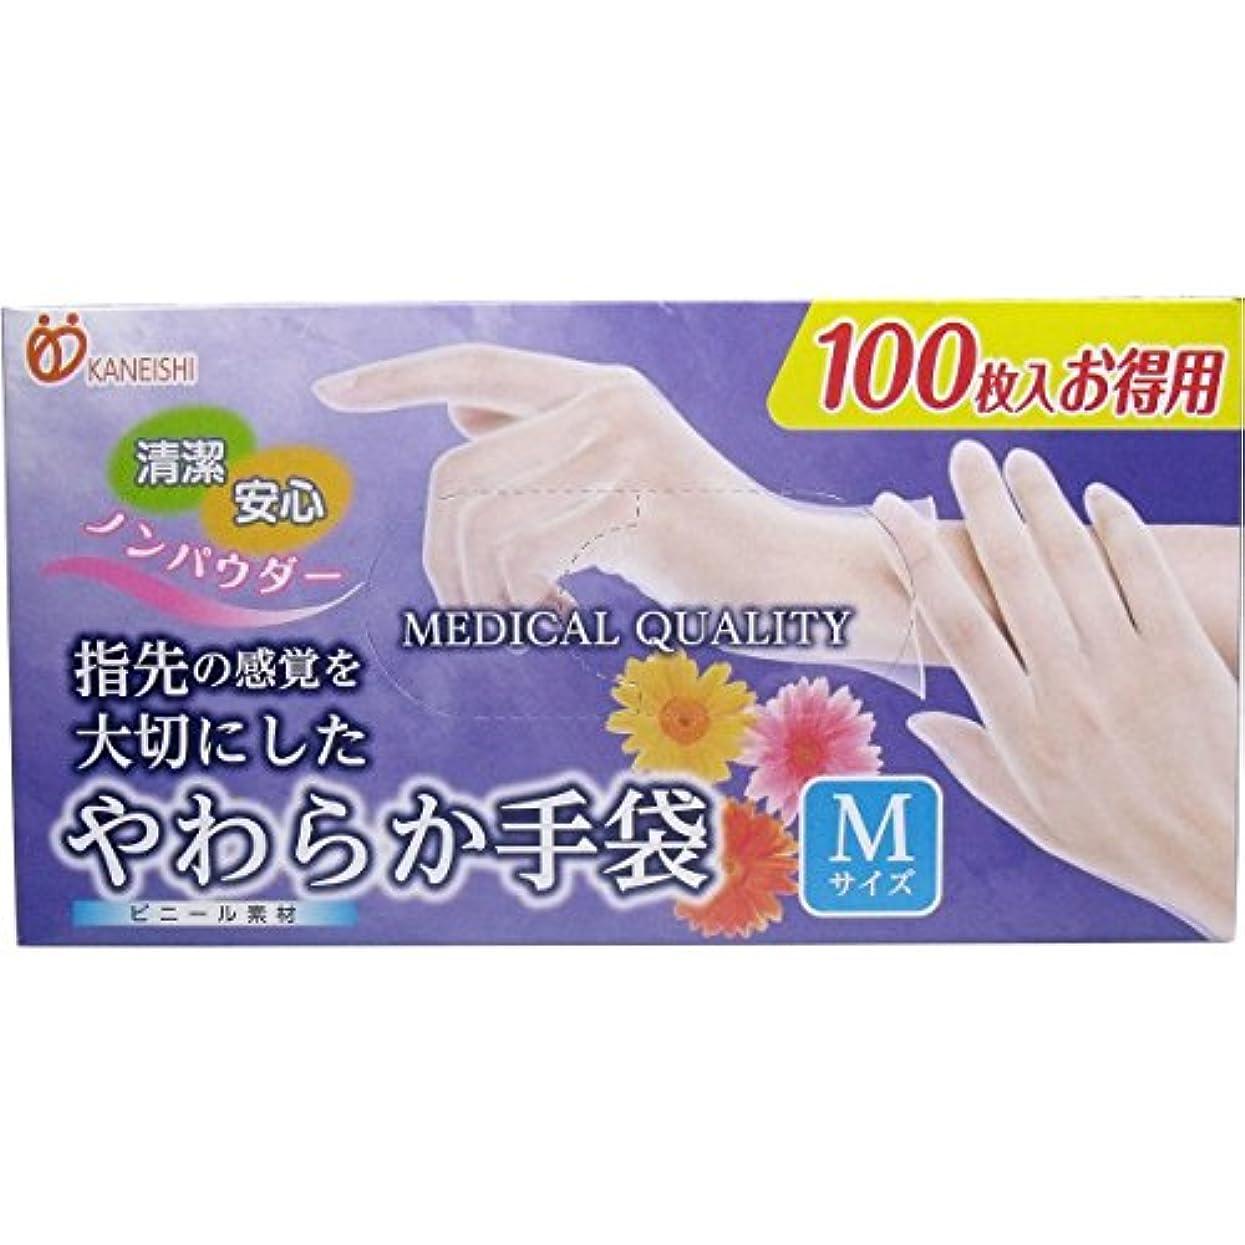 気質テンポ用心するやわらか手袋 ビニール素材 Mサイズ 100枚入x2